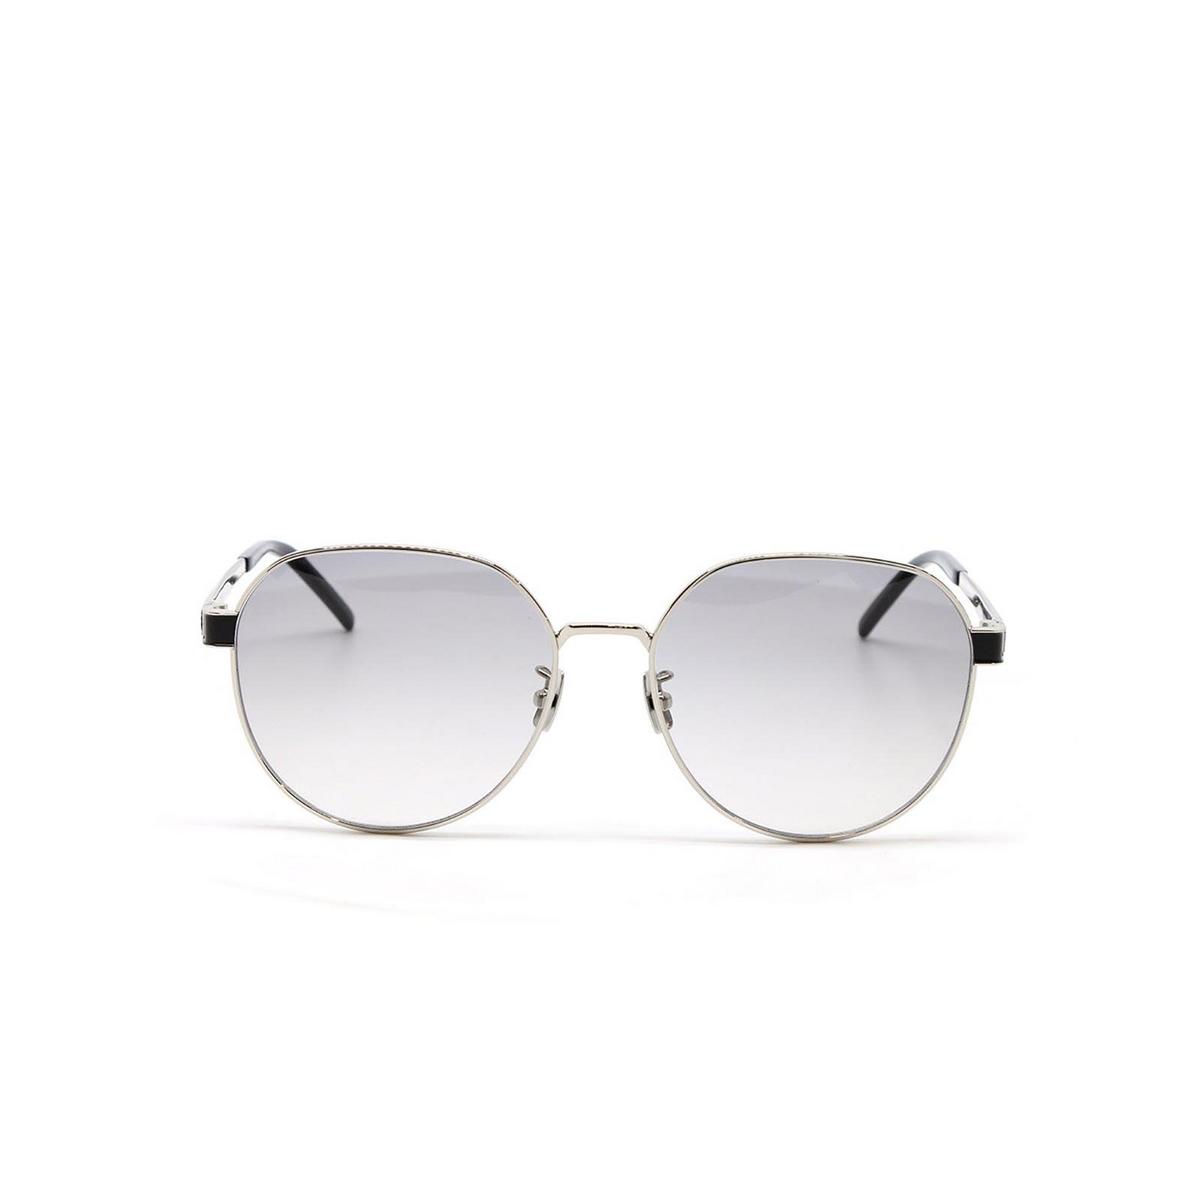 Saint Laurent® Round Sunglasses: SL M66 color Silver 003 - front view.